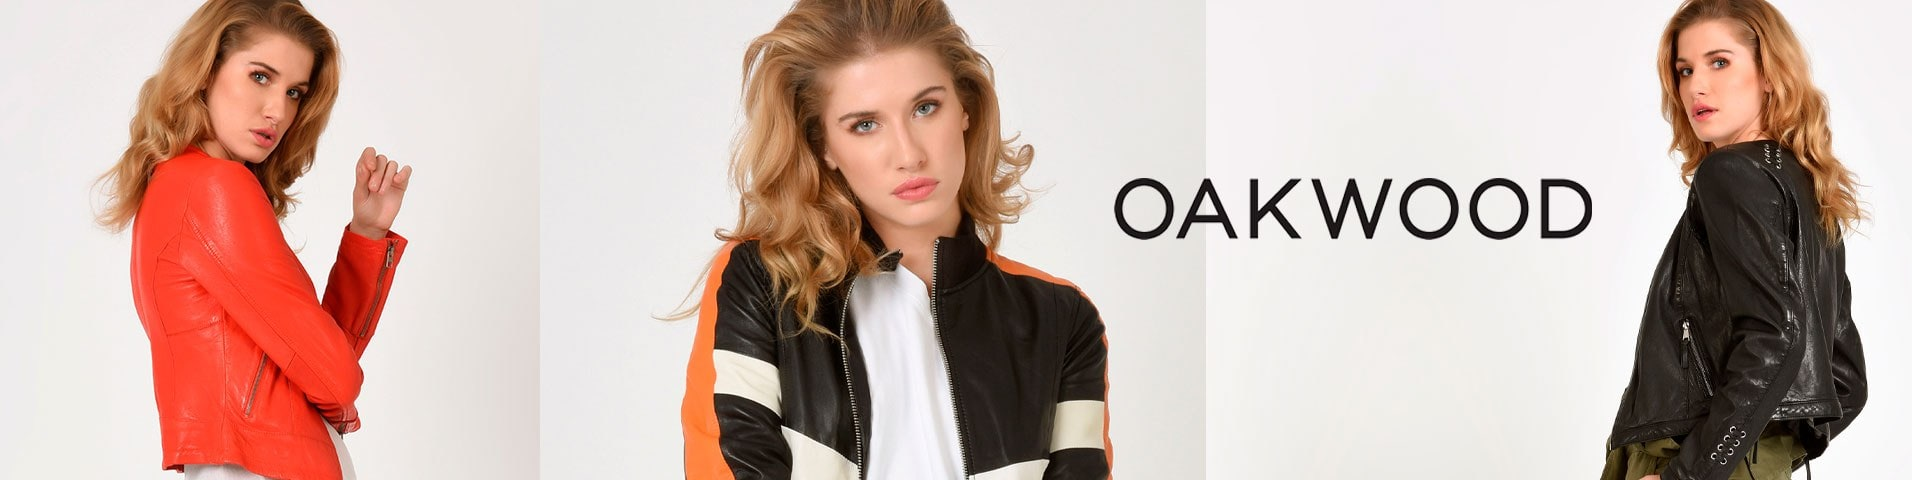 Oakwood Hosen online entdecken | Wir Frauen haben die Hosen